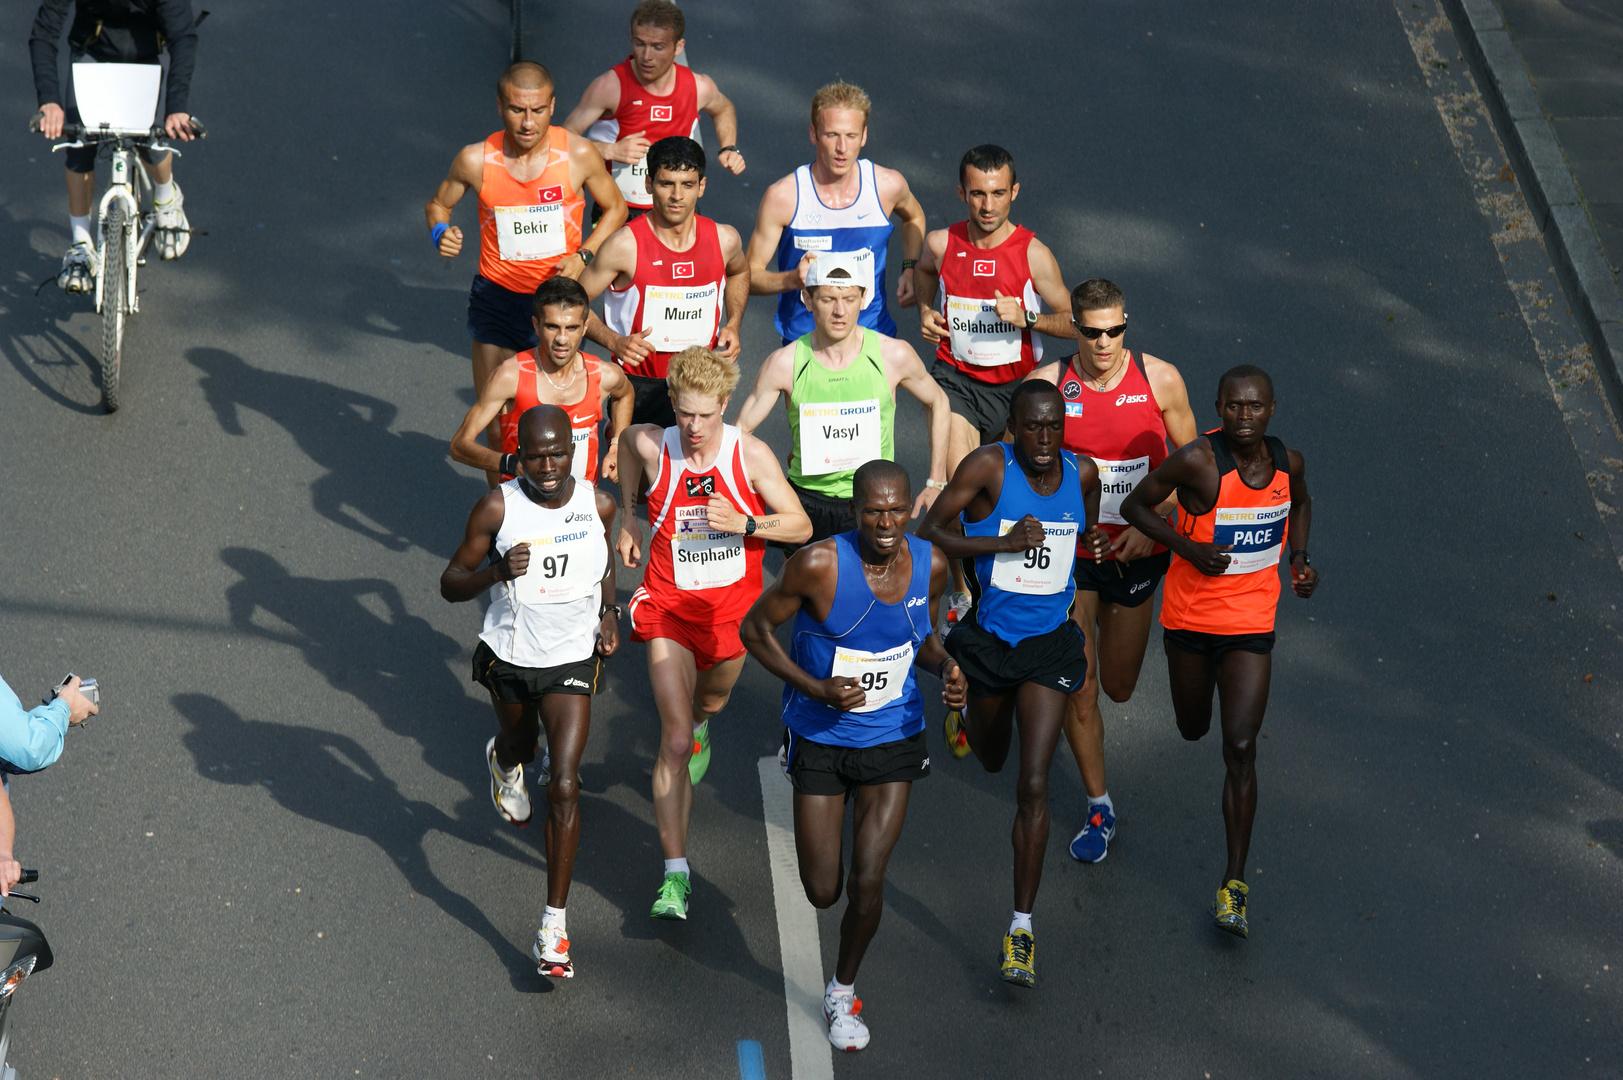 Spitzengruppe Düsseldorf Marathon 2011